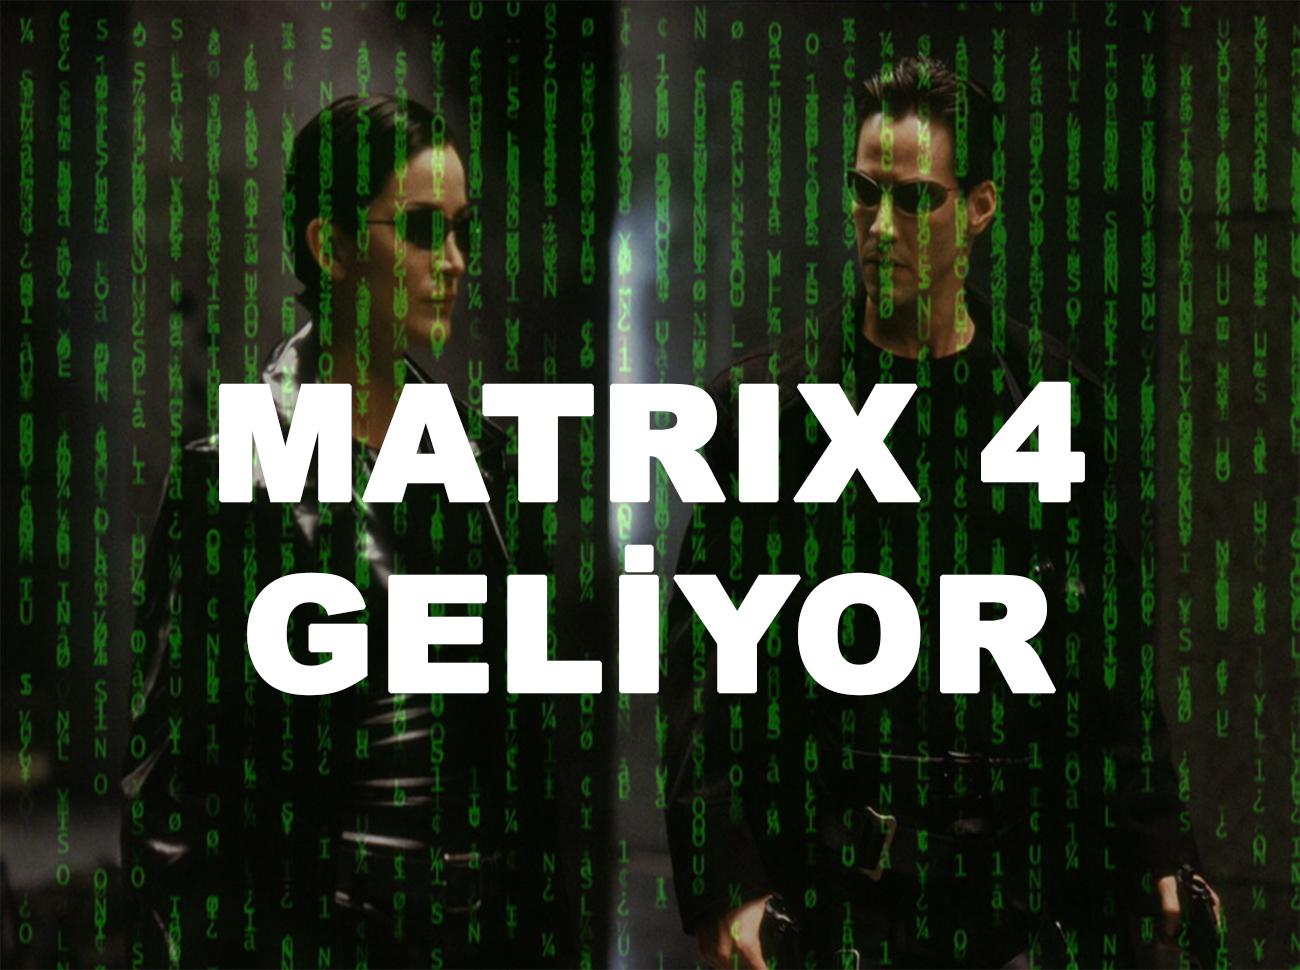 Matrix Efsanesi Dönüyor: Matrix 4 Geliyor